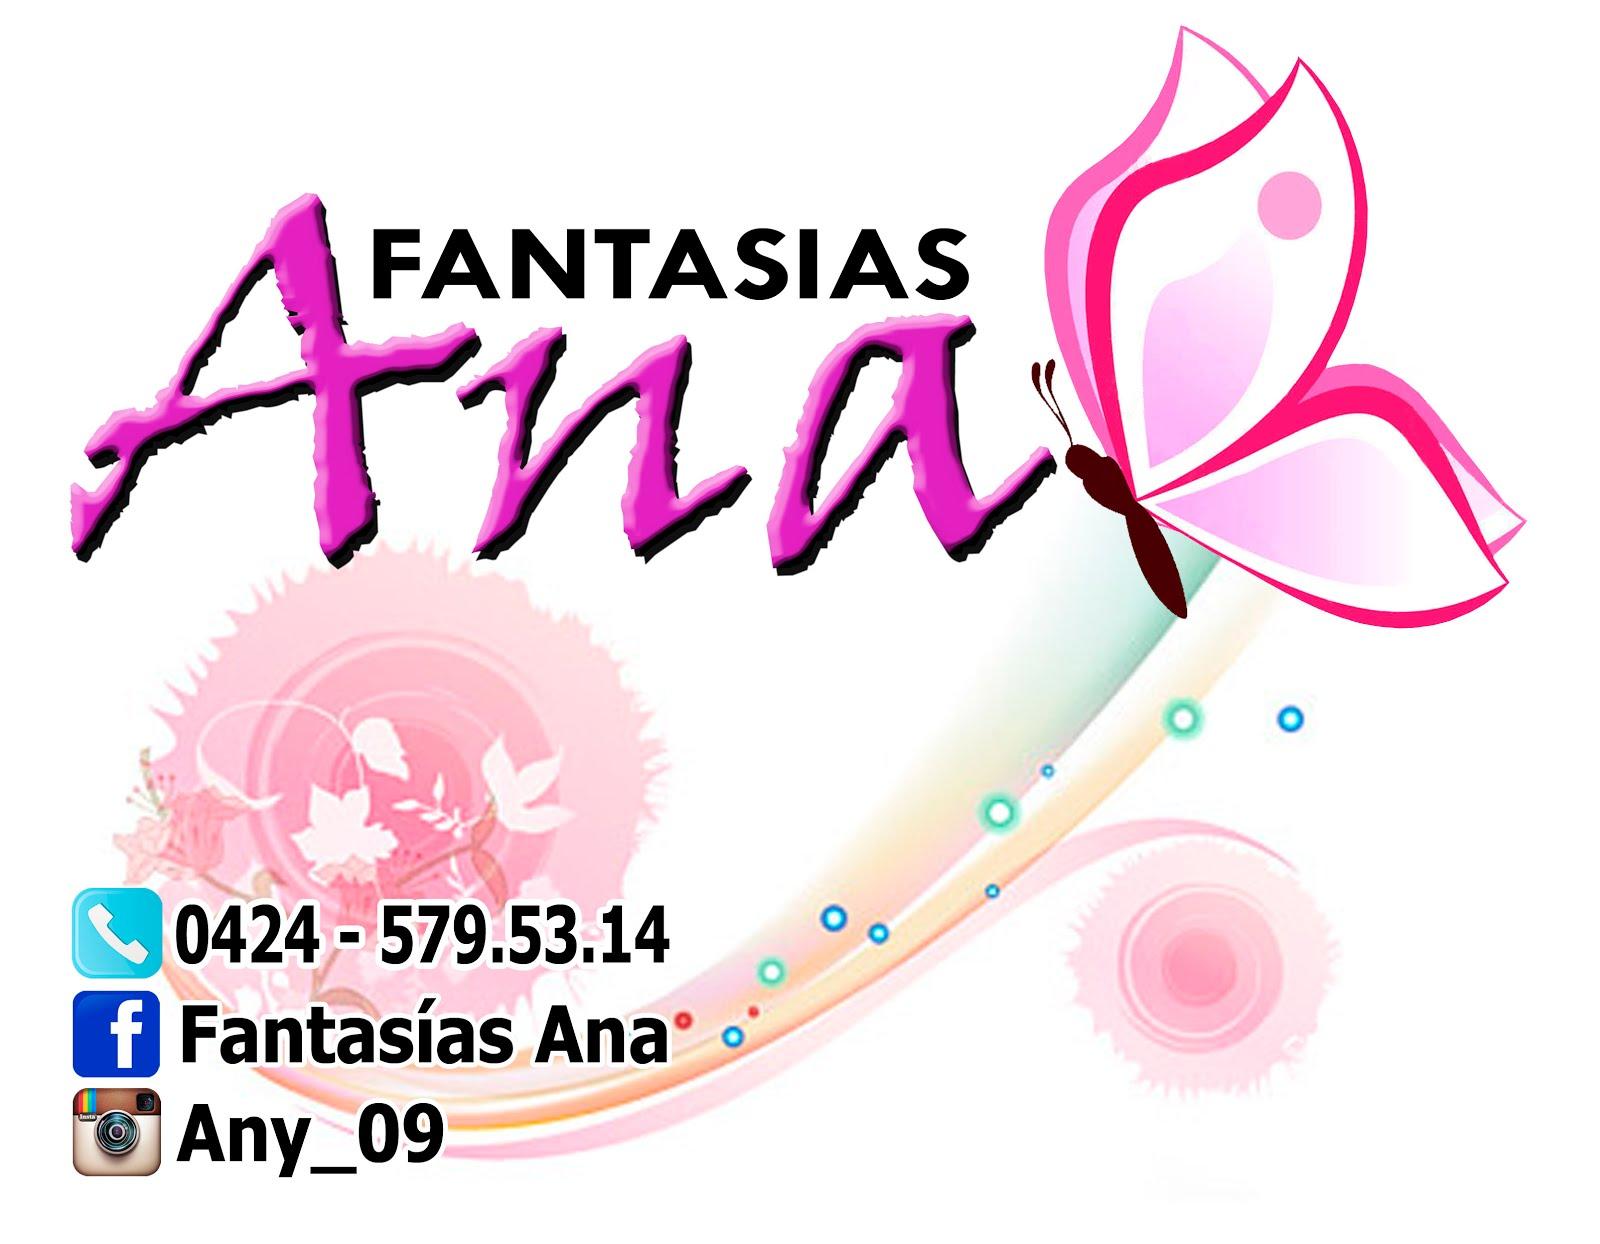 Fantasias Ana